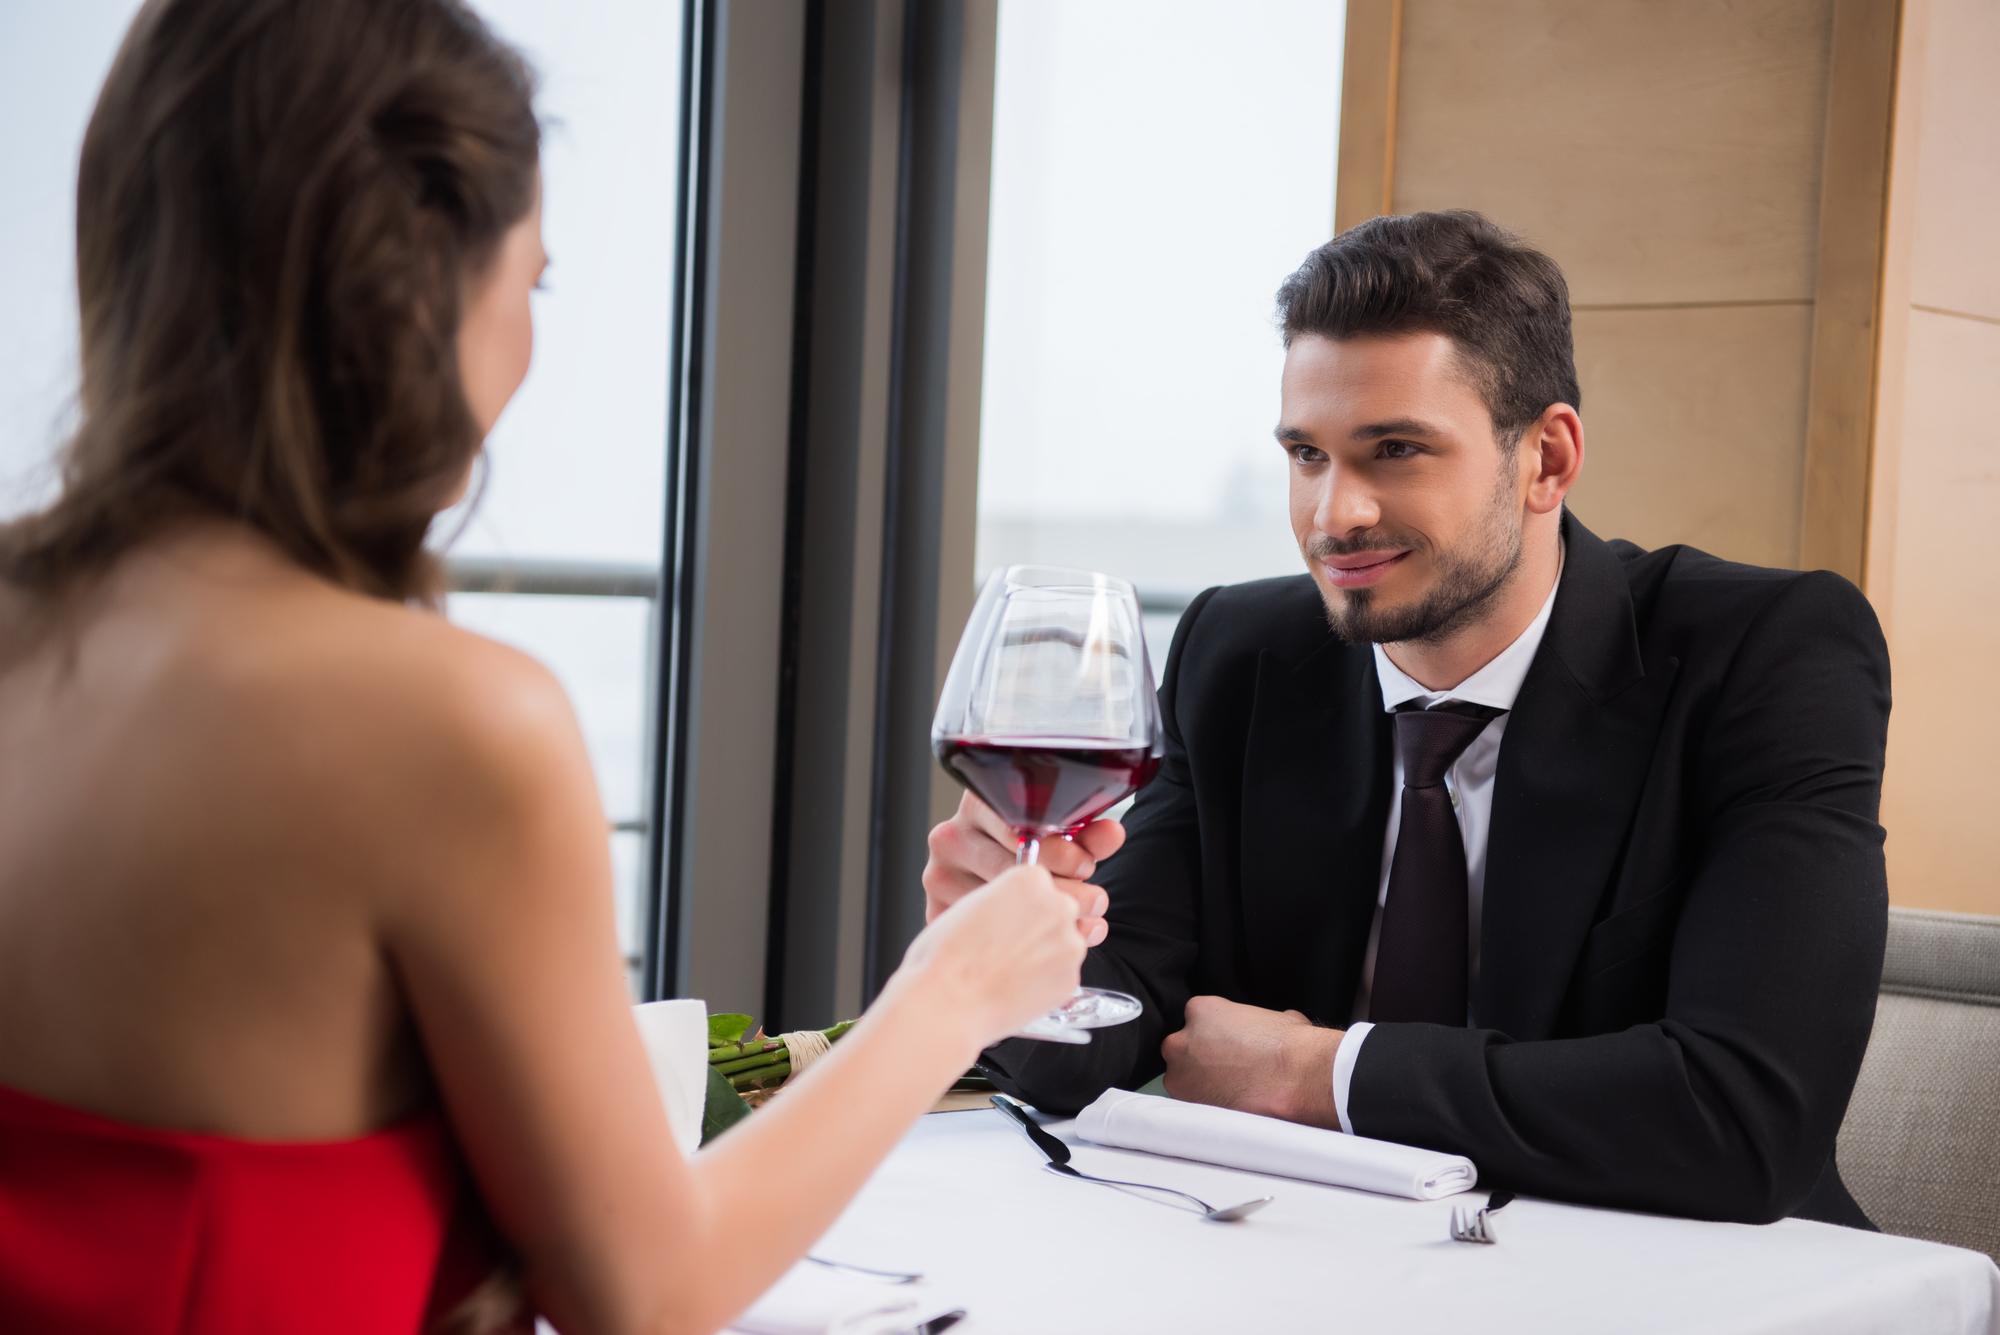 Gratis dating kærlighed site usa